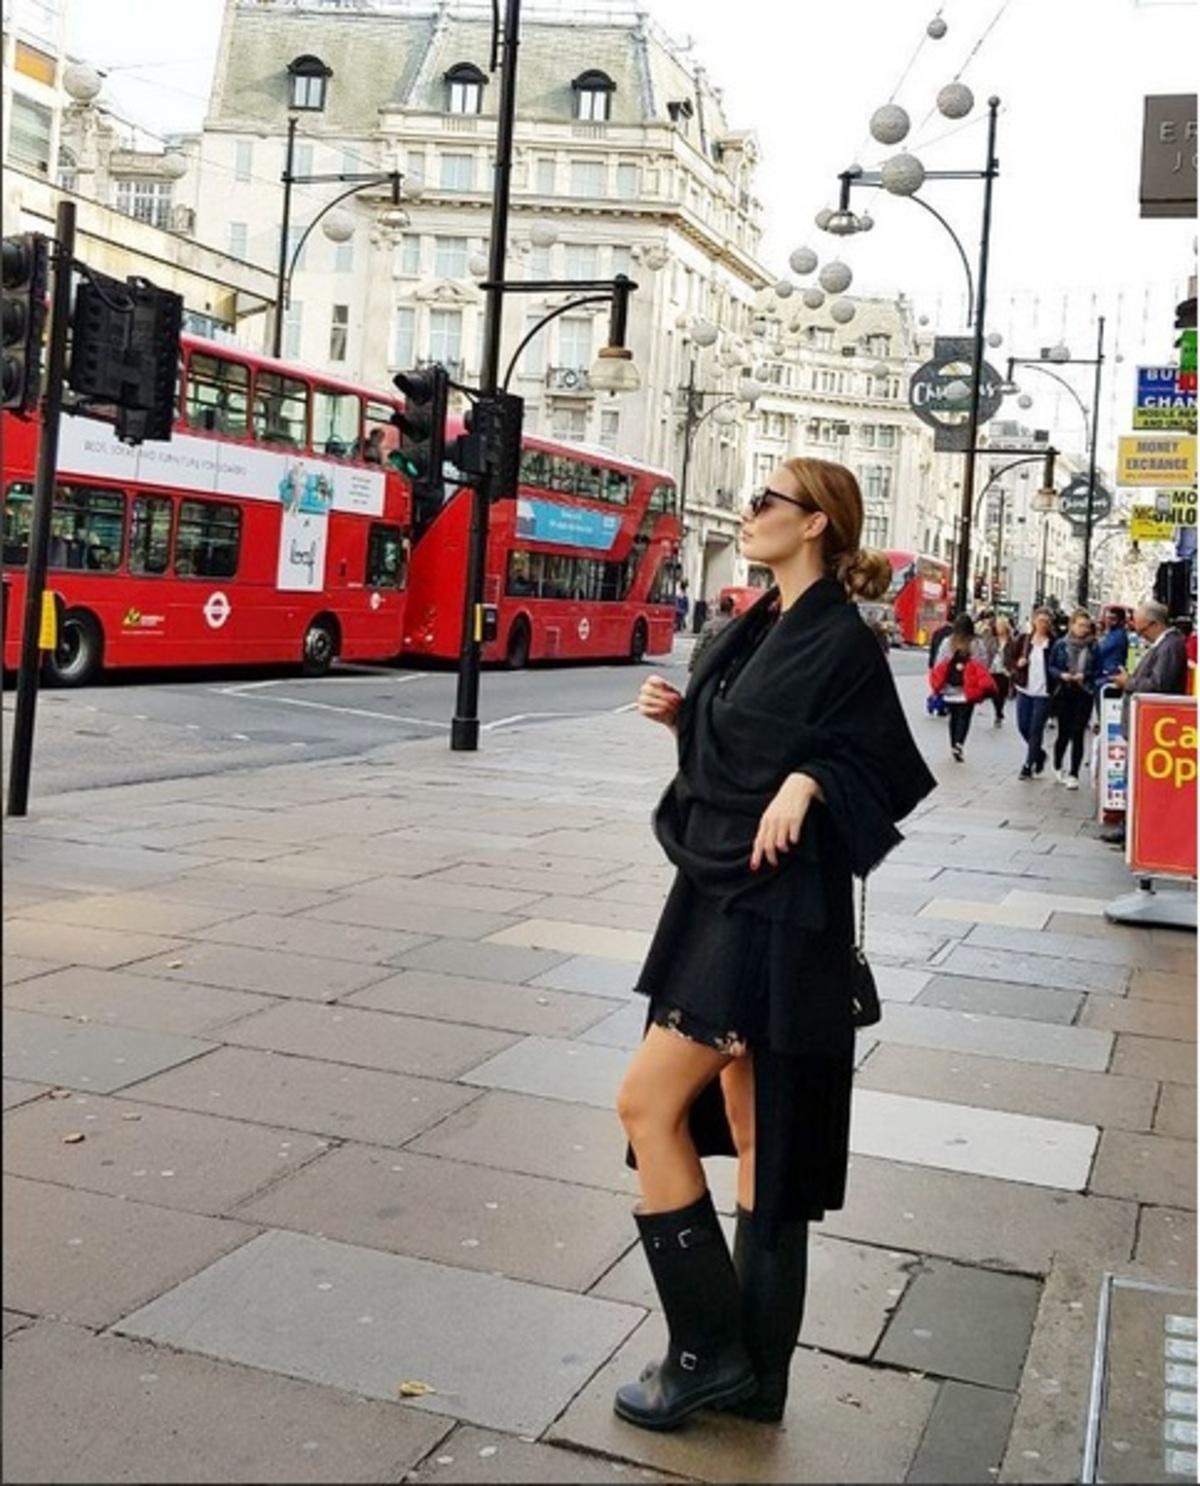 Αντωνία Καλλιμούκου: Νέες φωτογραφίες από το ταξίδι που έκανε στο Λονδίνο με τον σύντροφό της!   Newsit.gr